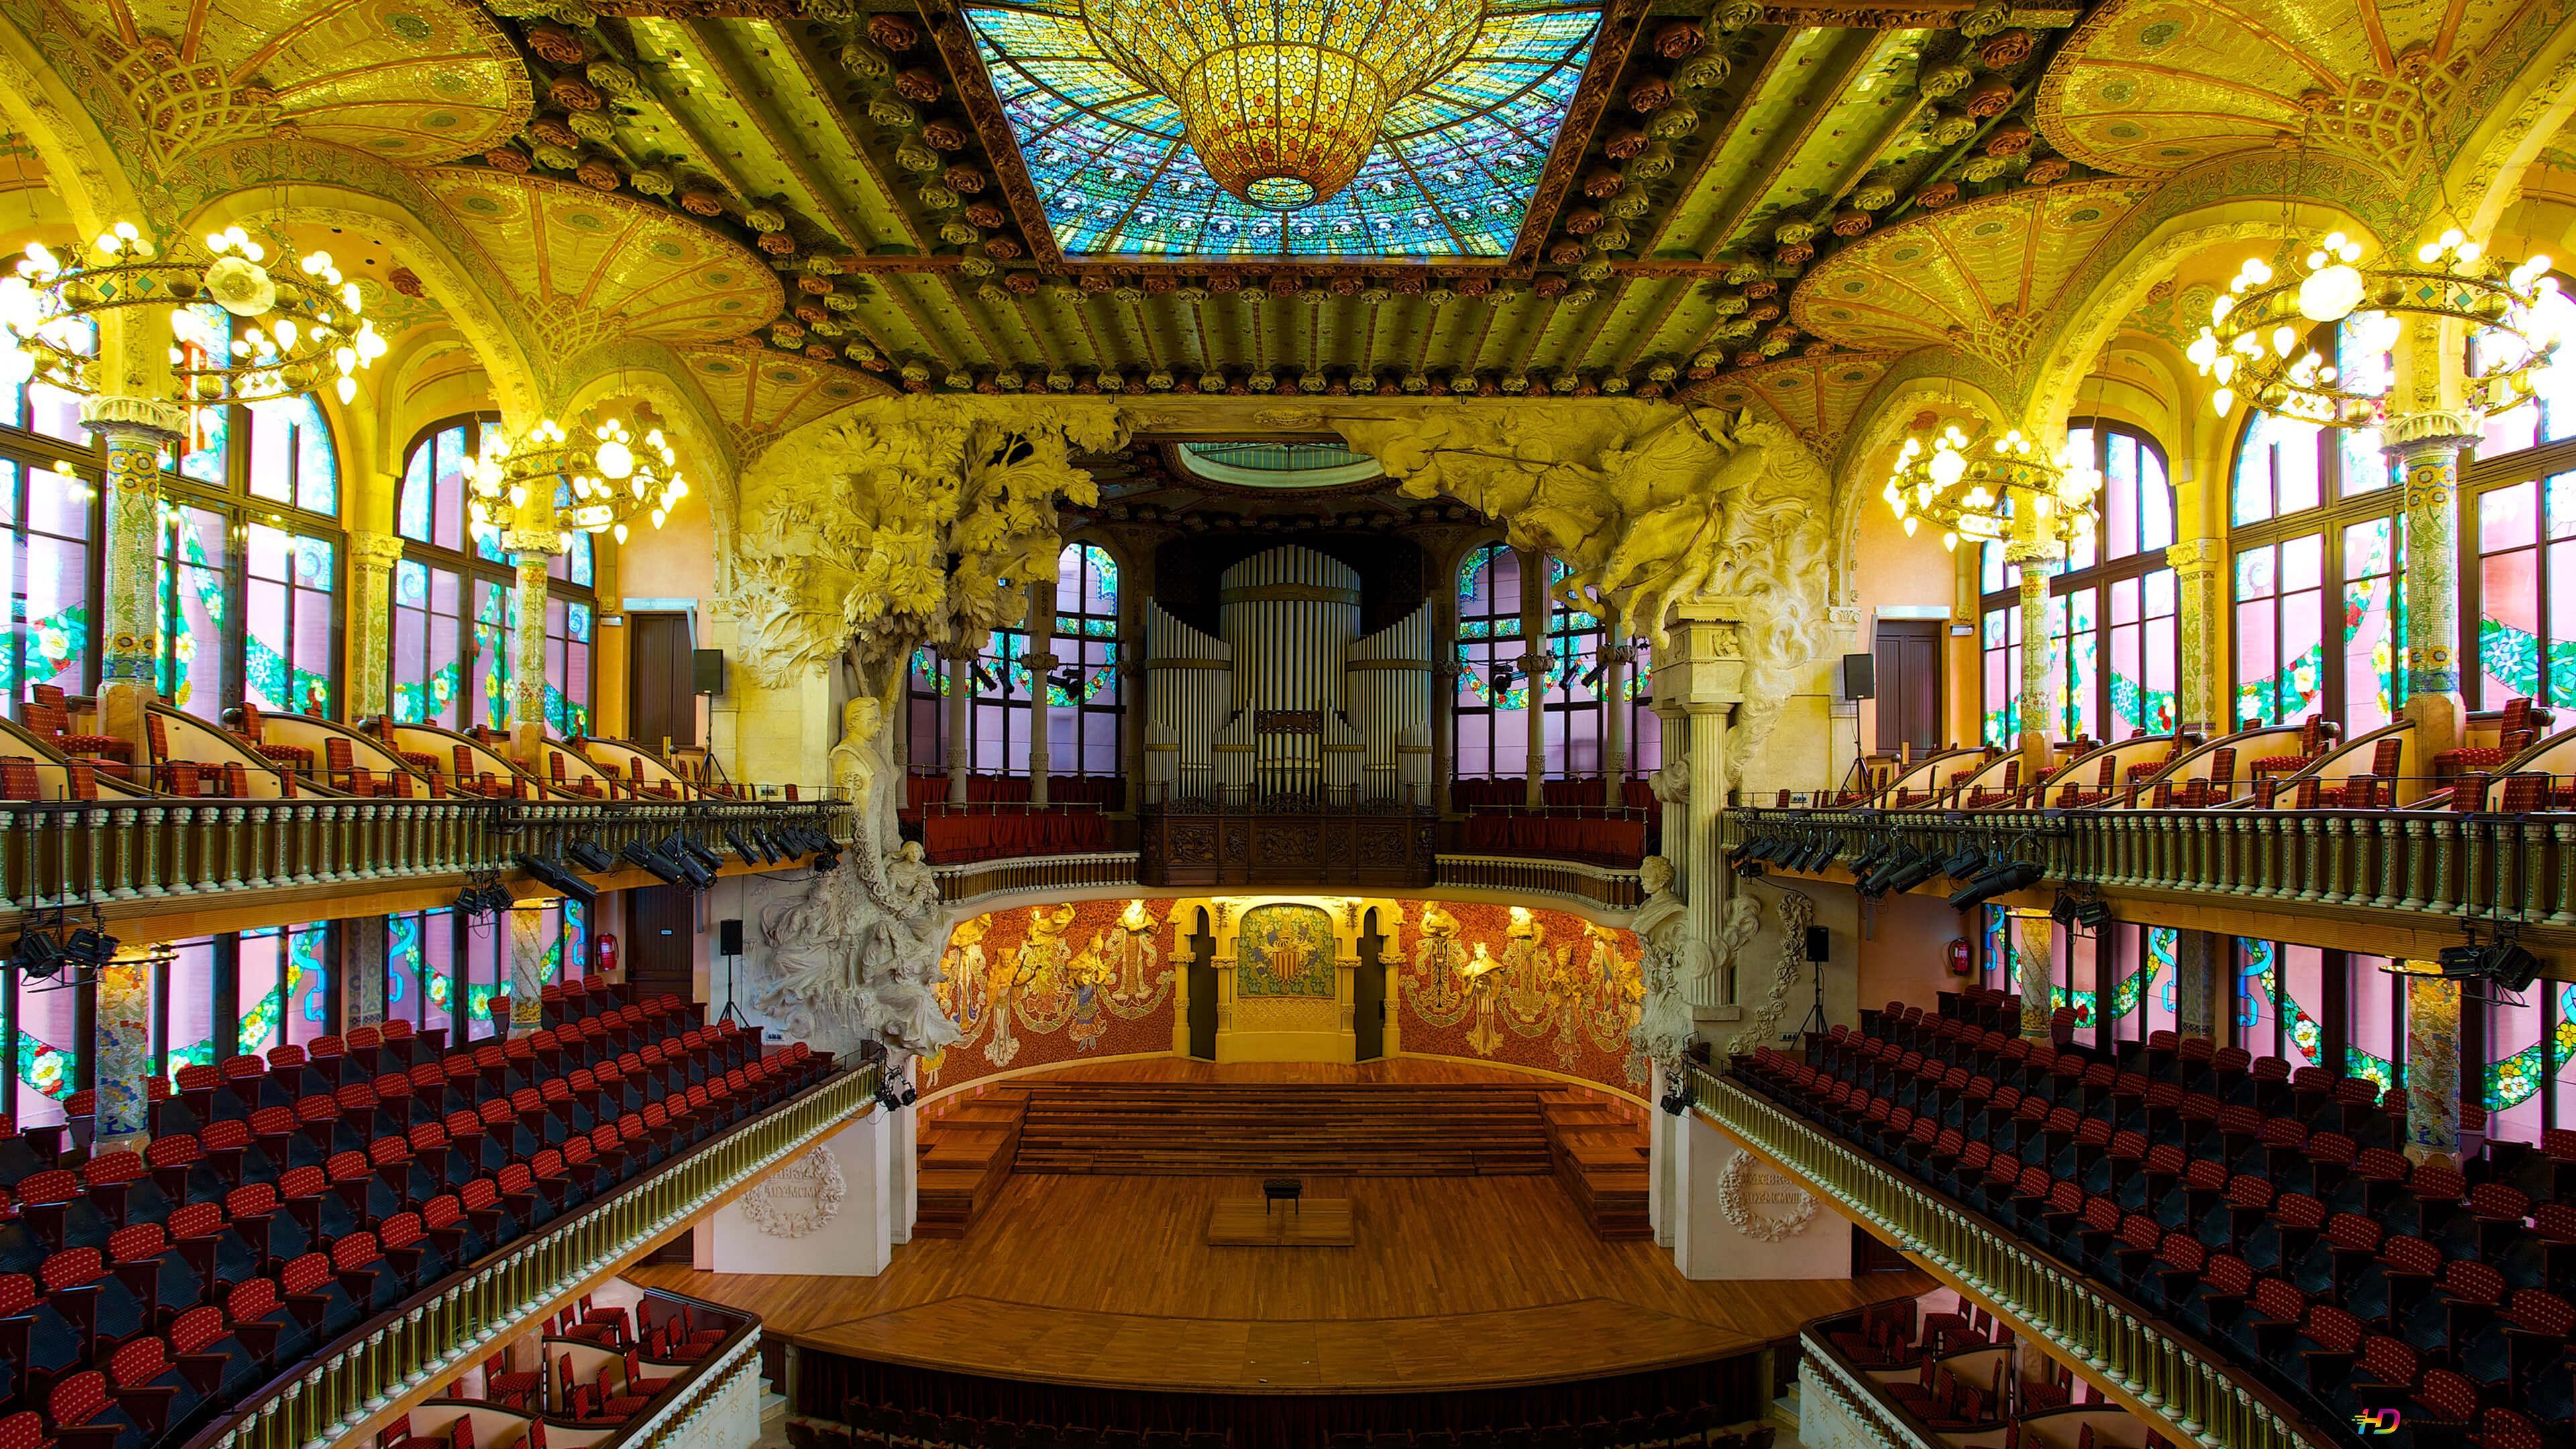 バルセロナ スペインの音楽宮殿内部 Hd壁紙のダウンロード